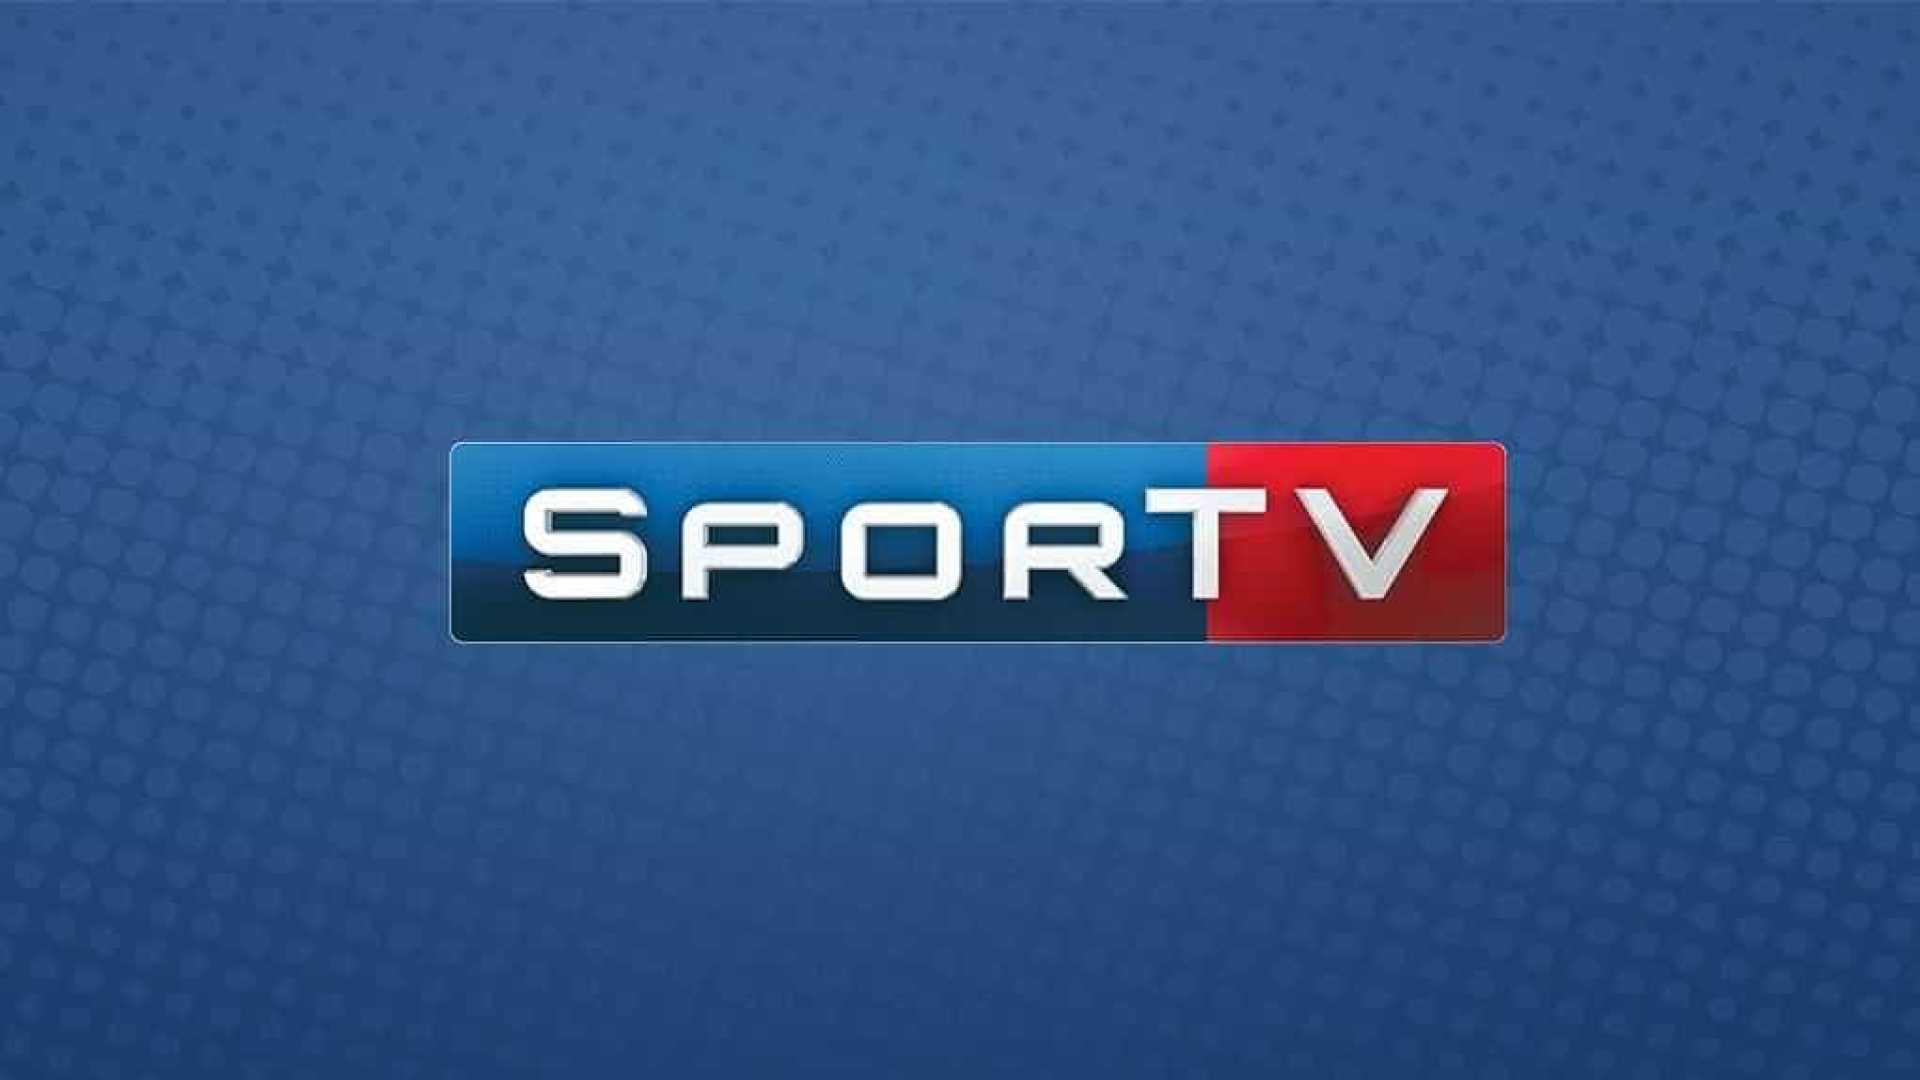 SporTV Ao Vivo - Futebol Ao Vivo